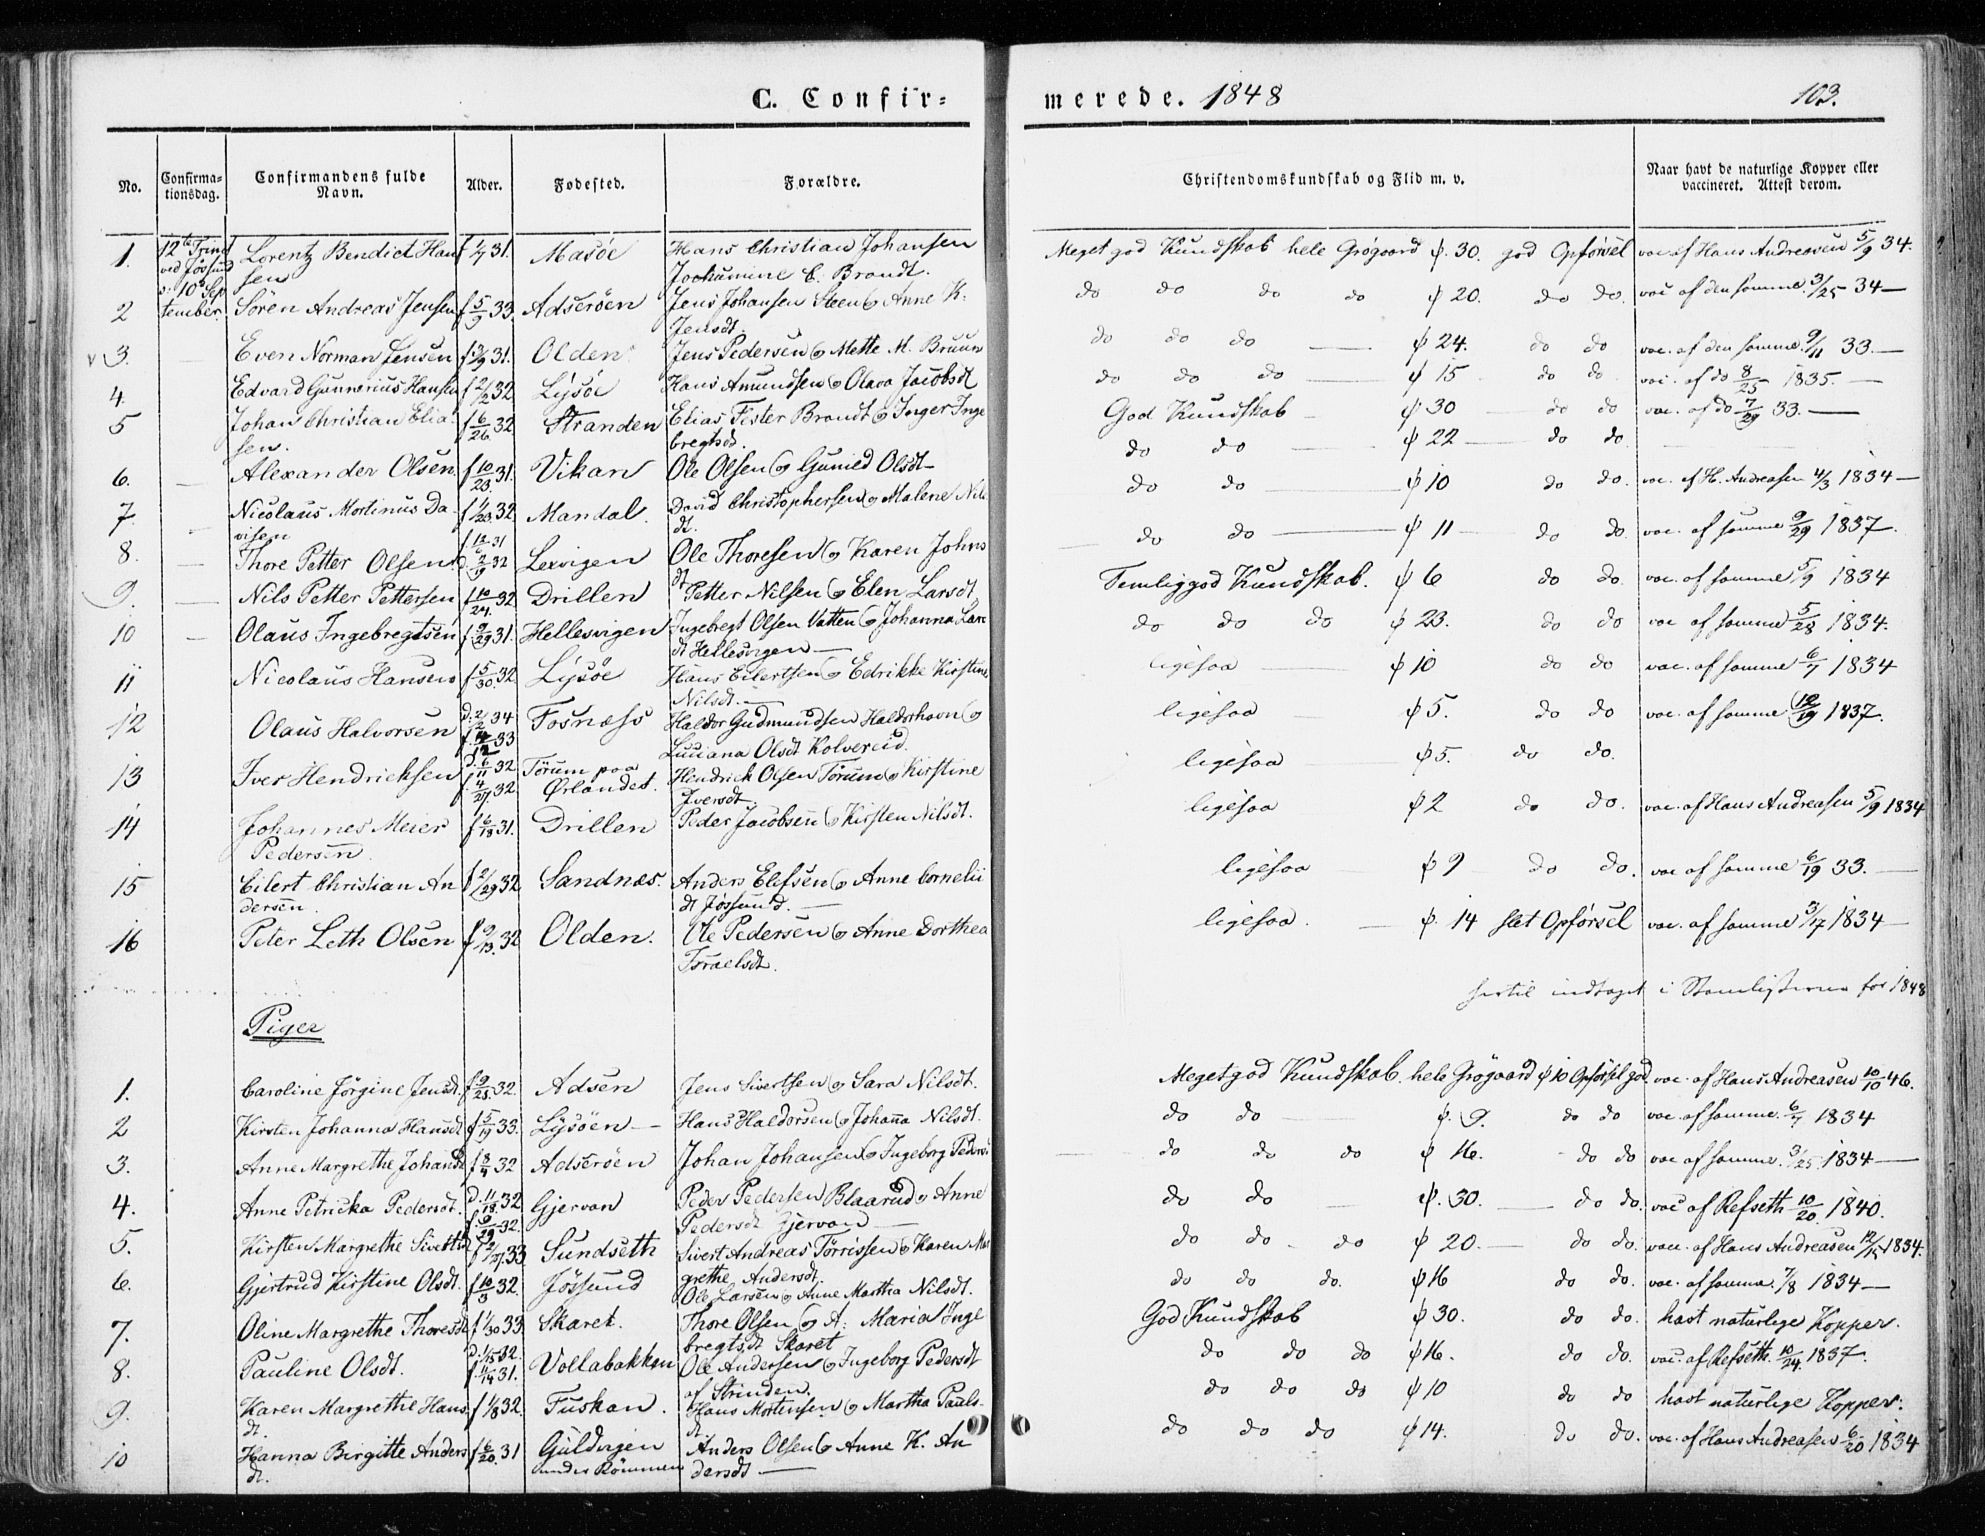 SAT, Ministerialprotokoller, klokkerbøker og fødselsregistre - Sør-Trøndelag, 655/L0677: Ministerialbok nr. 655A06, 1847-1860, s. 103